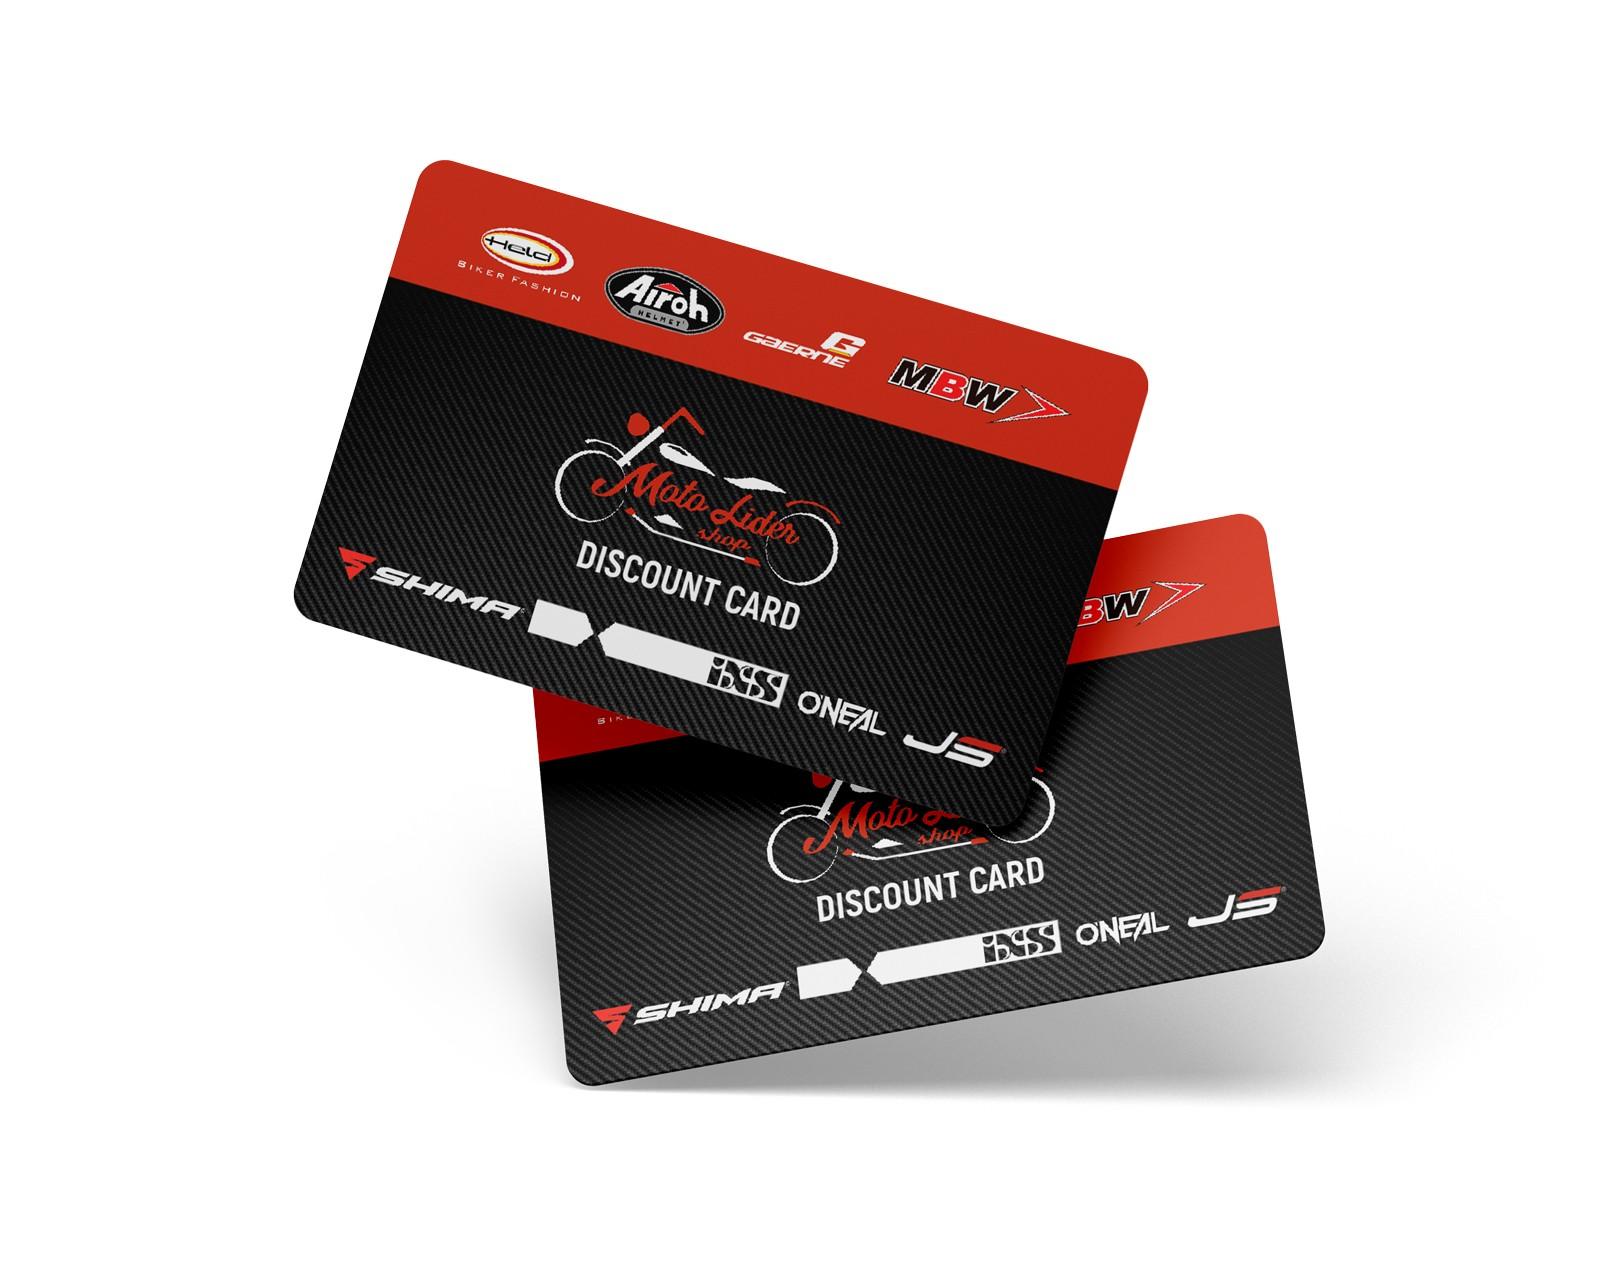 Carduri de reducere «MOTOLIDER» pentru achiziționarea de bunuri pe site și în centrul comercial